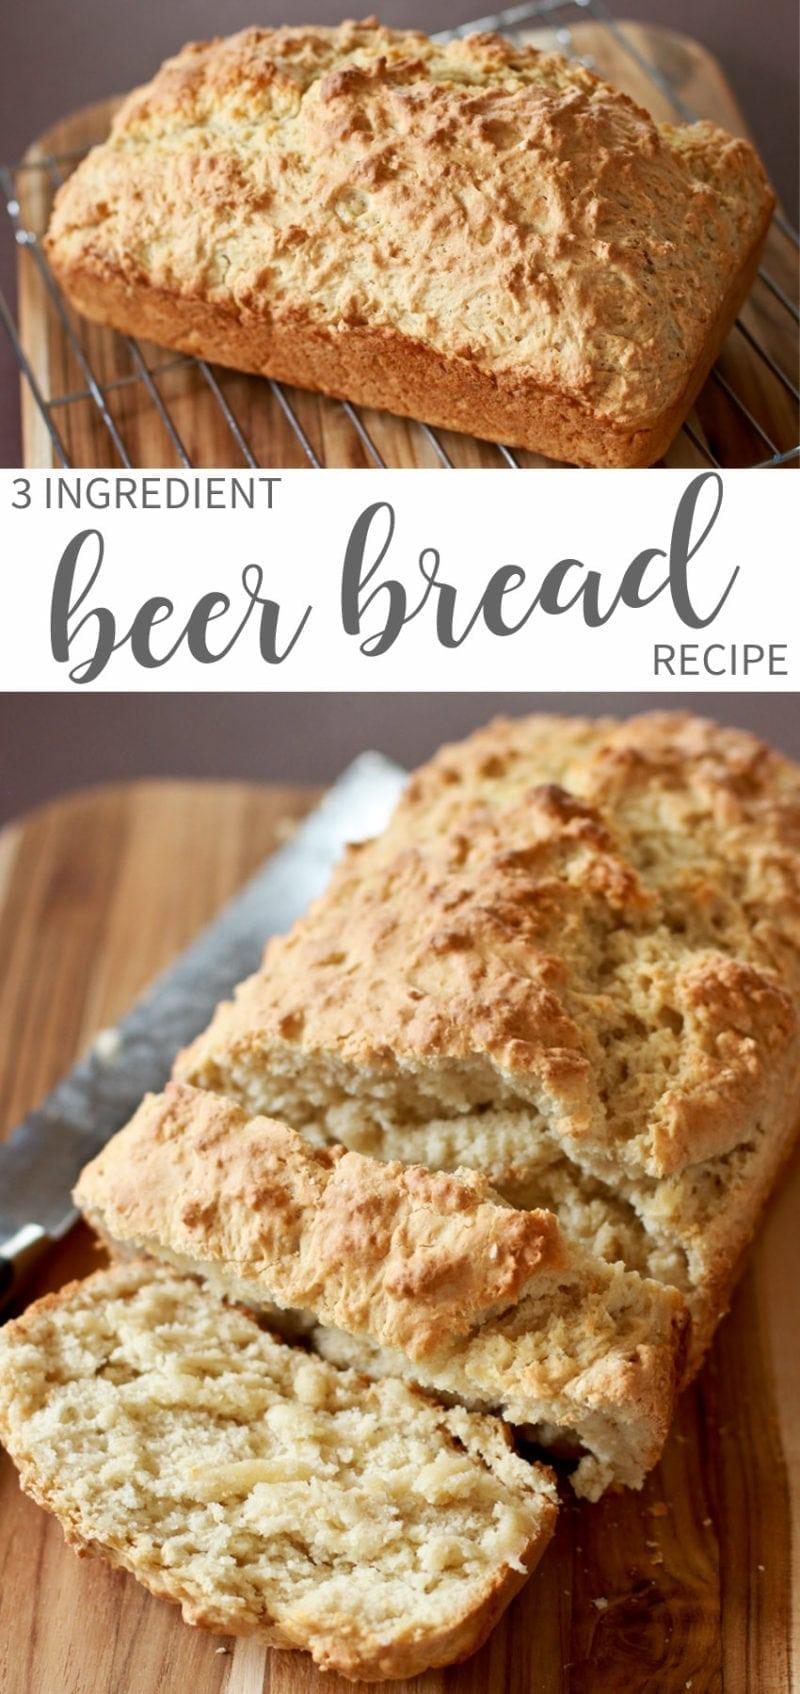 3 Ingredient Easy Beer Bread Recipe